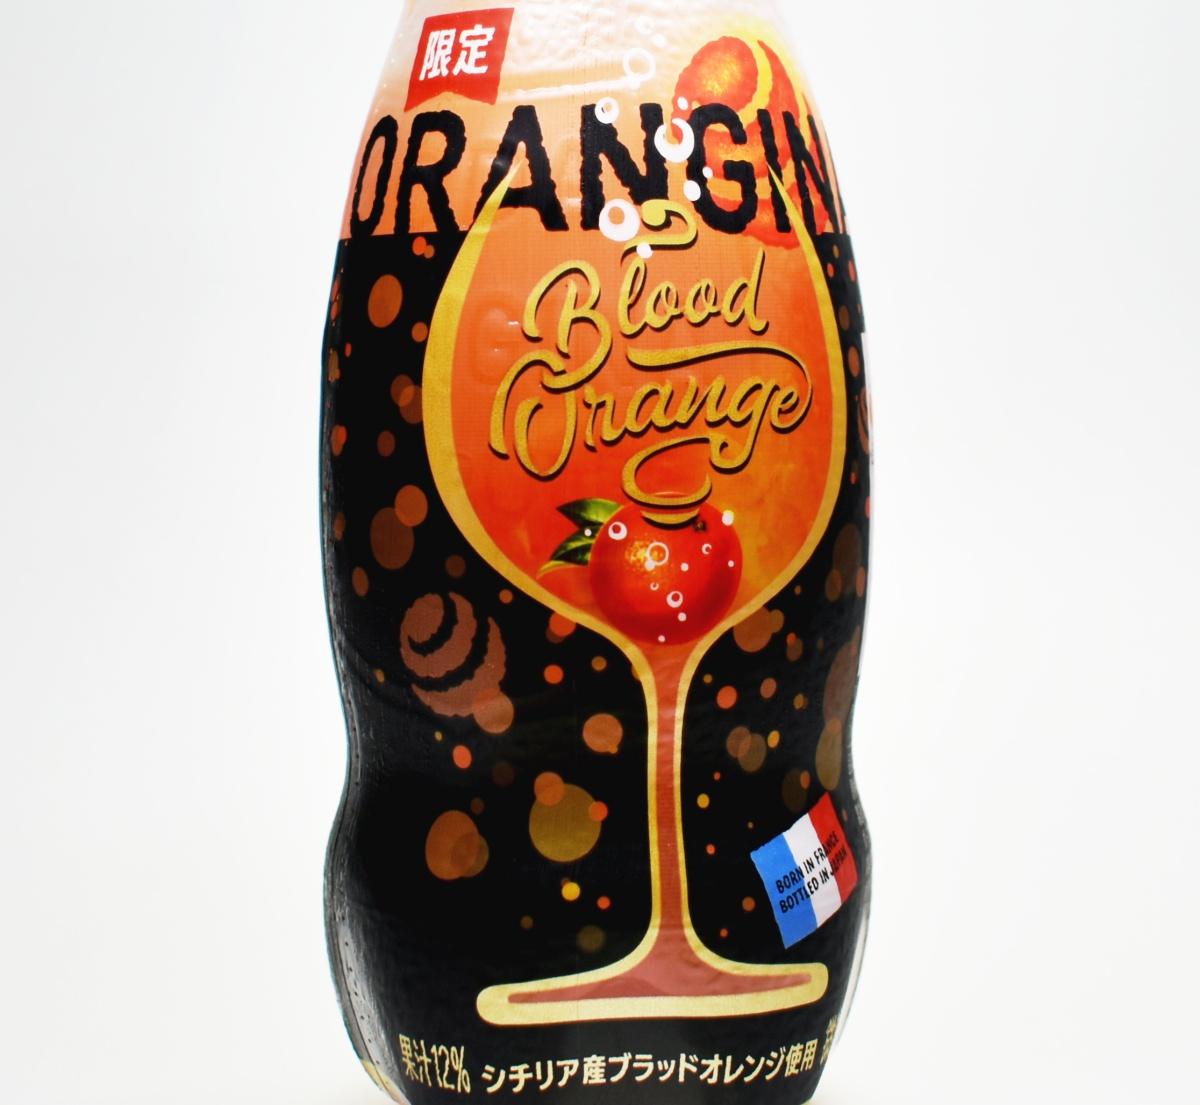 オランジーナ ブラッドオレンジ